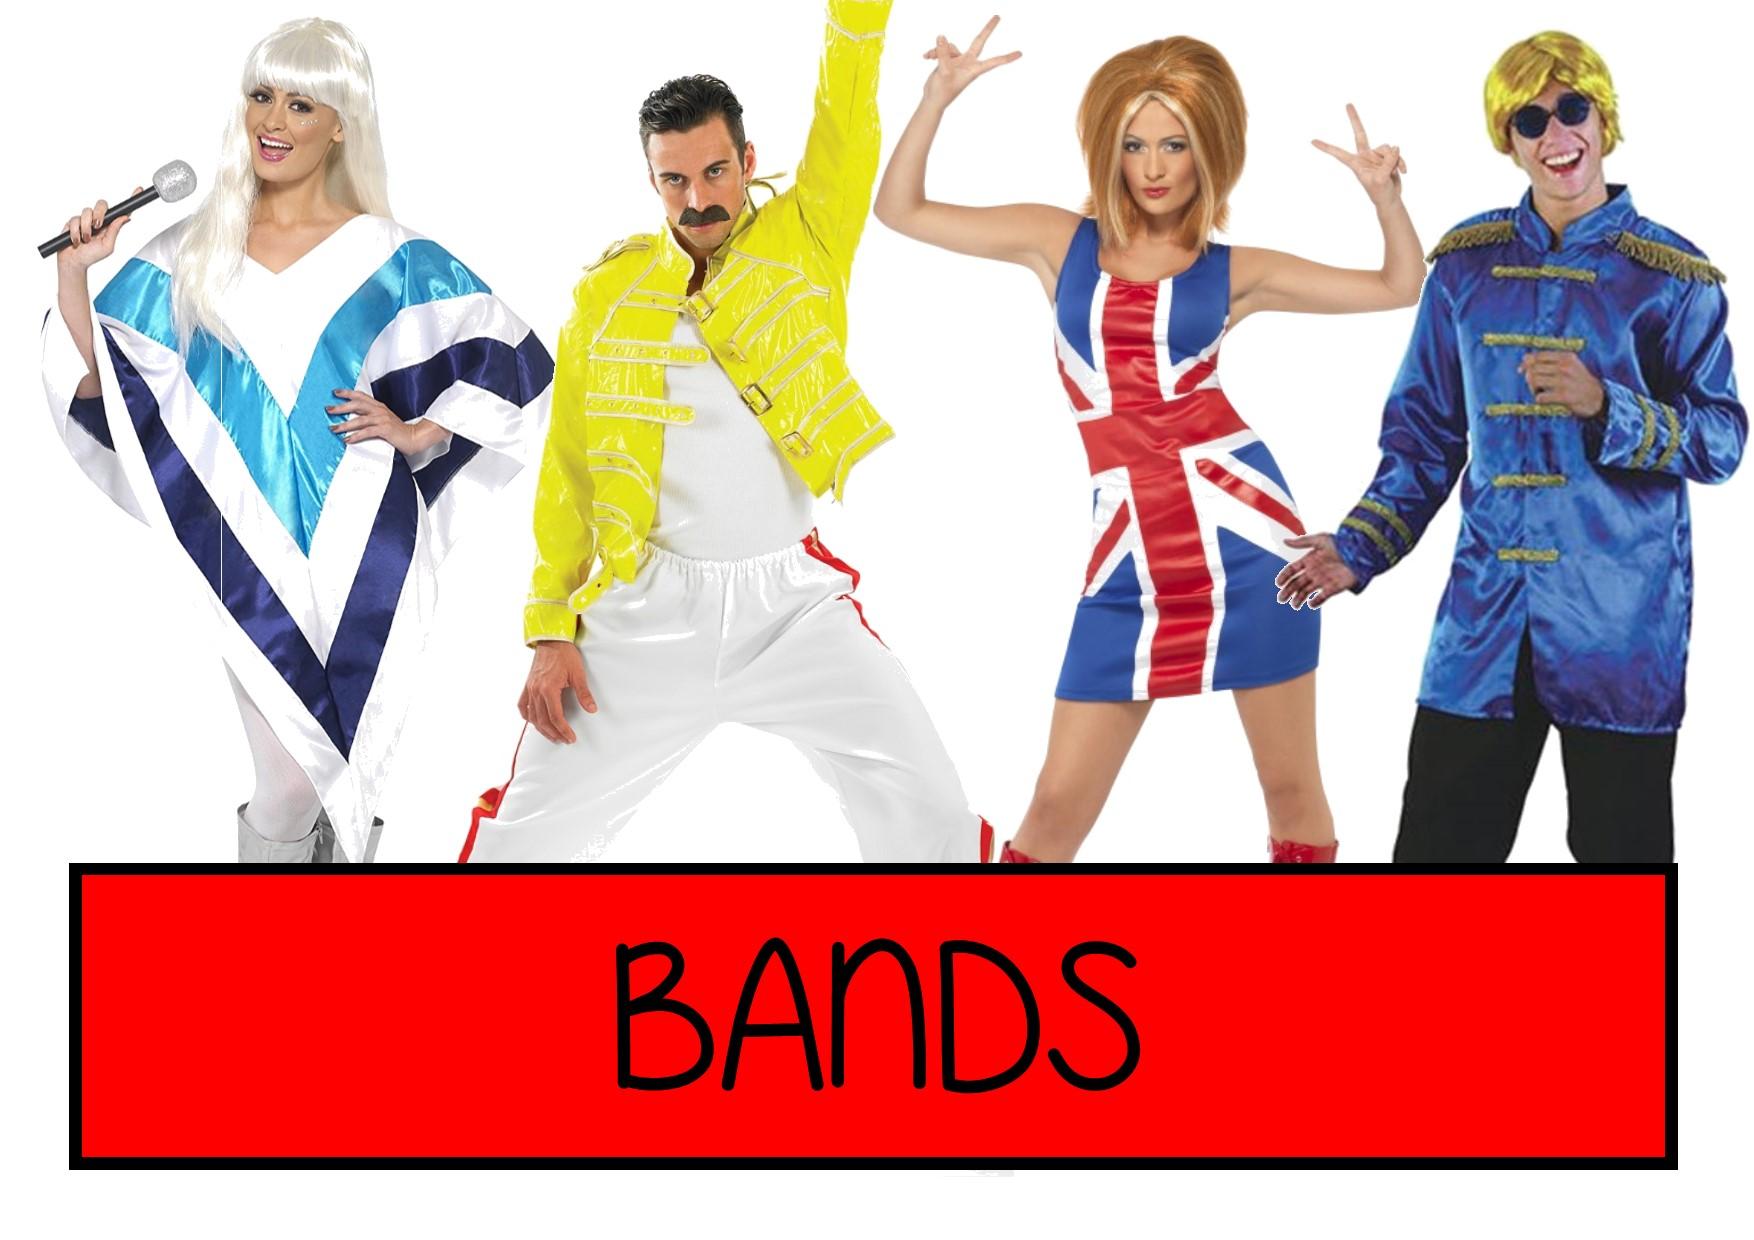 bands fancy dress ideas